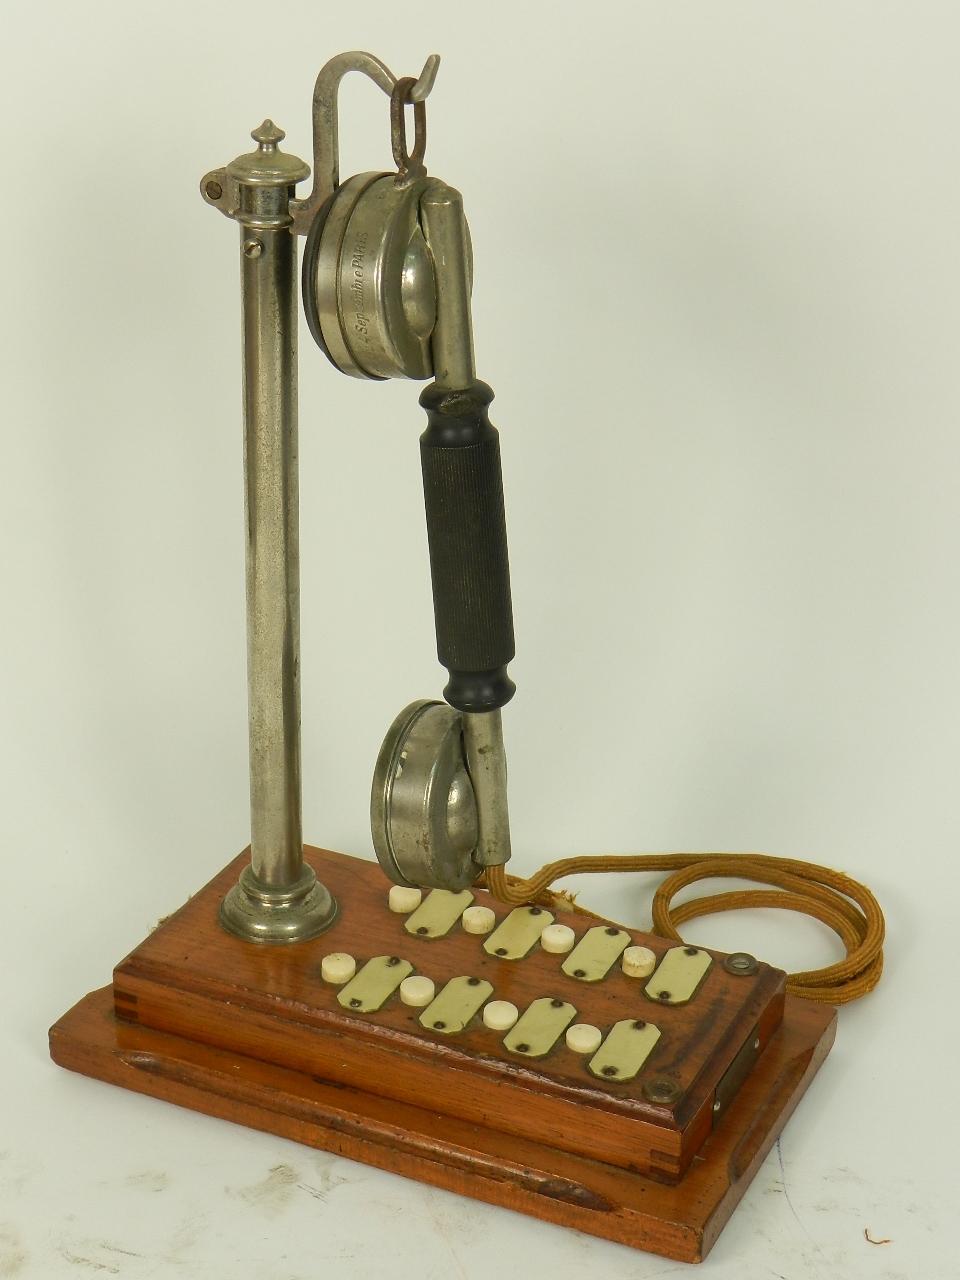 Imagen TELEFONO SIT AÑO 1920 29486